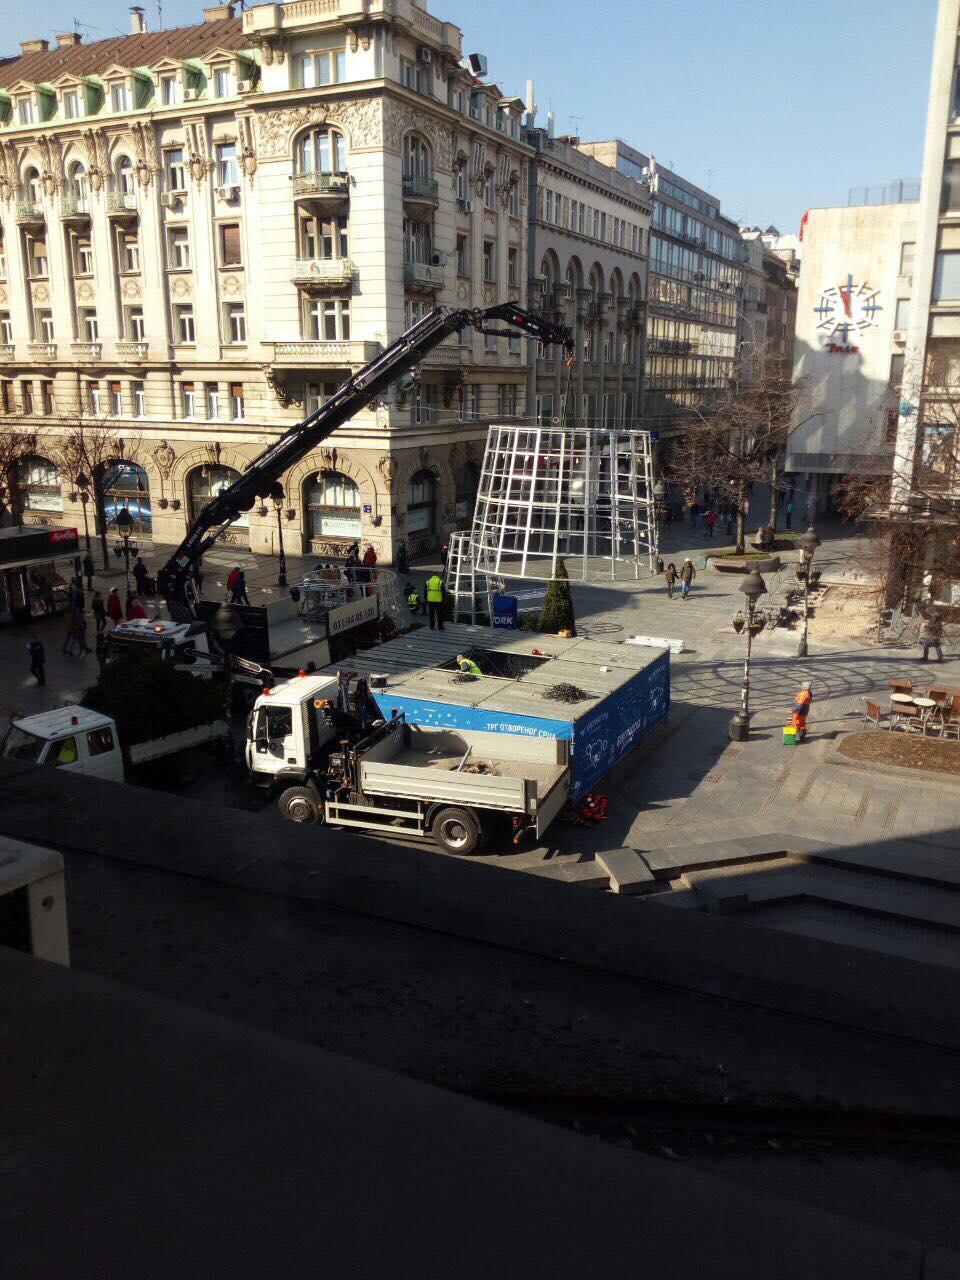 Uklonjena novogodišnja jelka sa Trga Republike u Beogradu 3